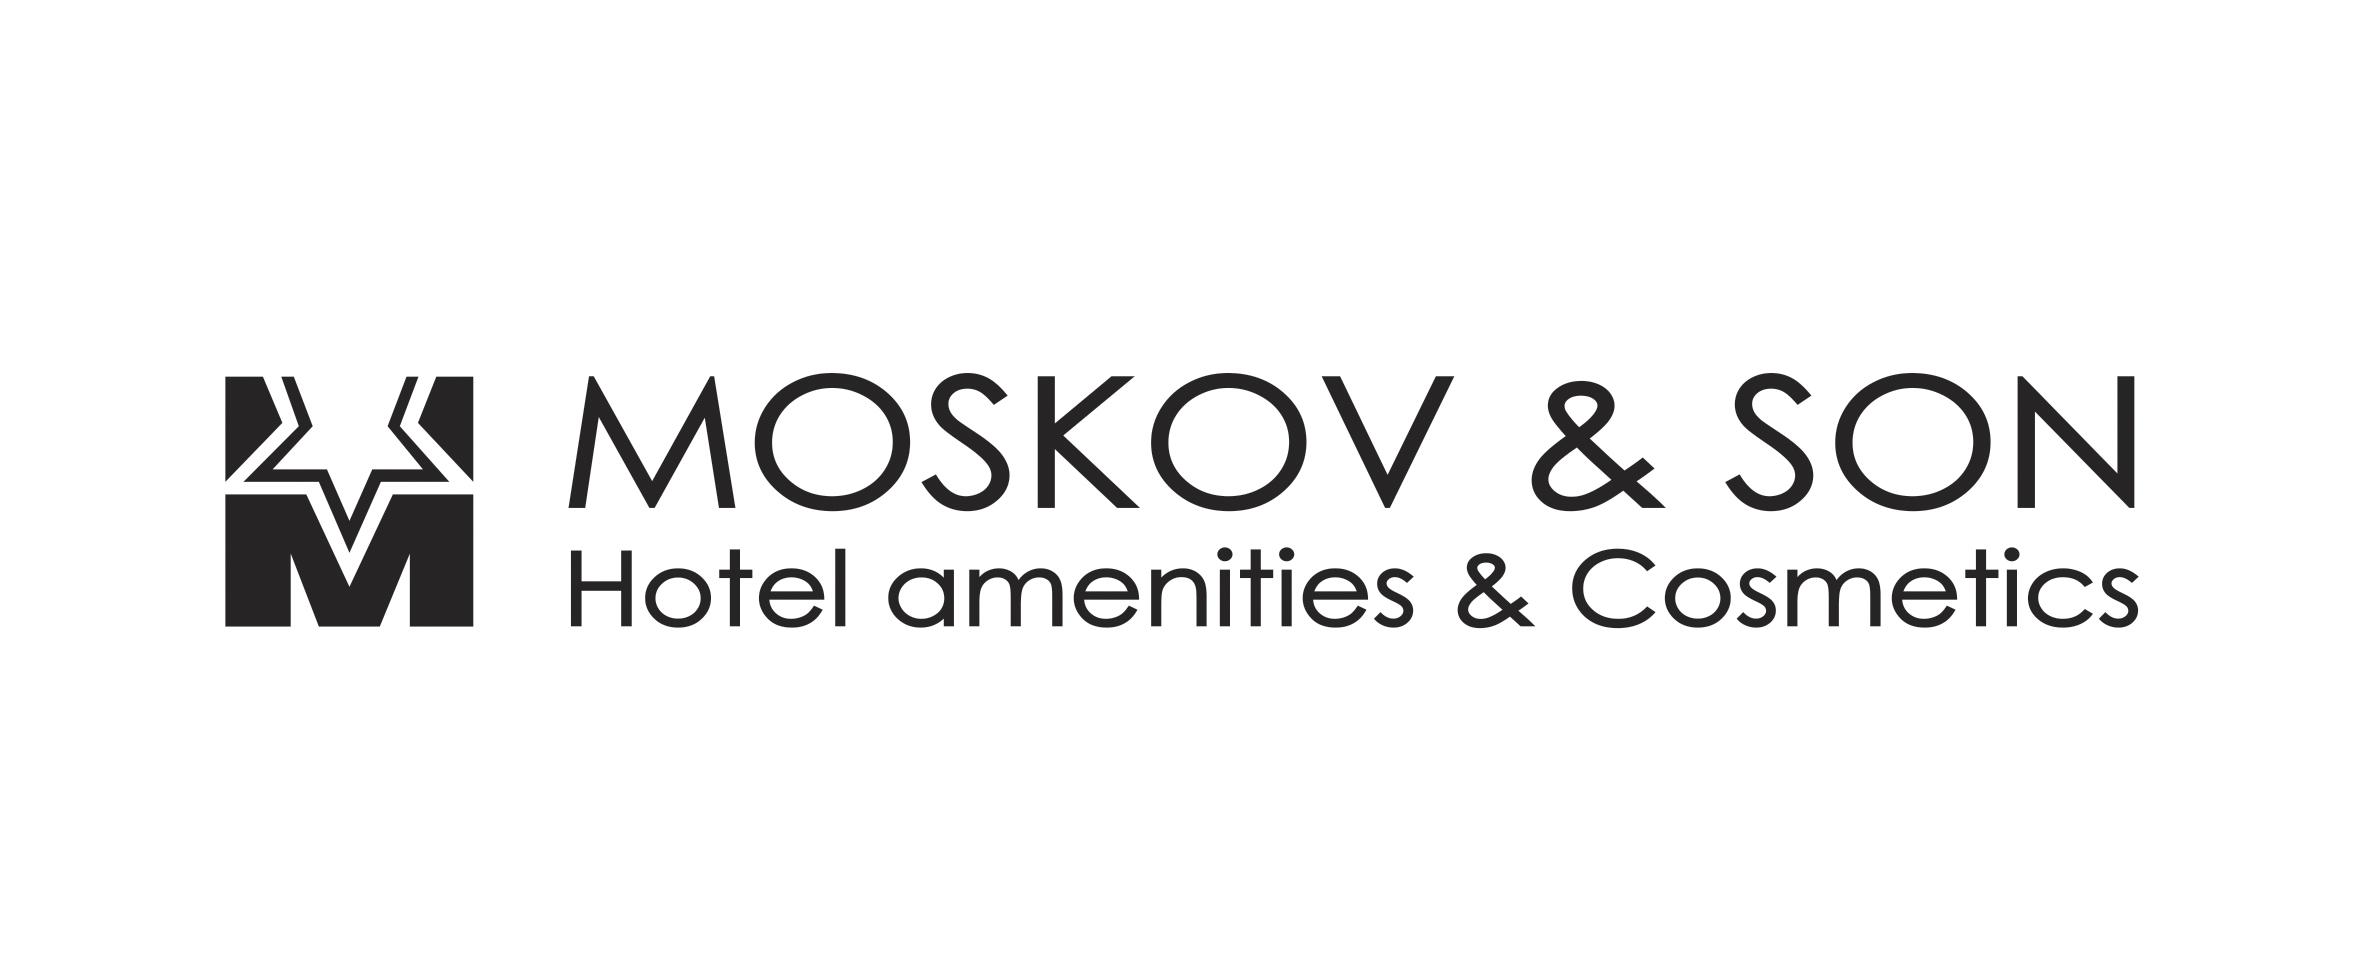 Moskov & Son